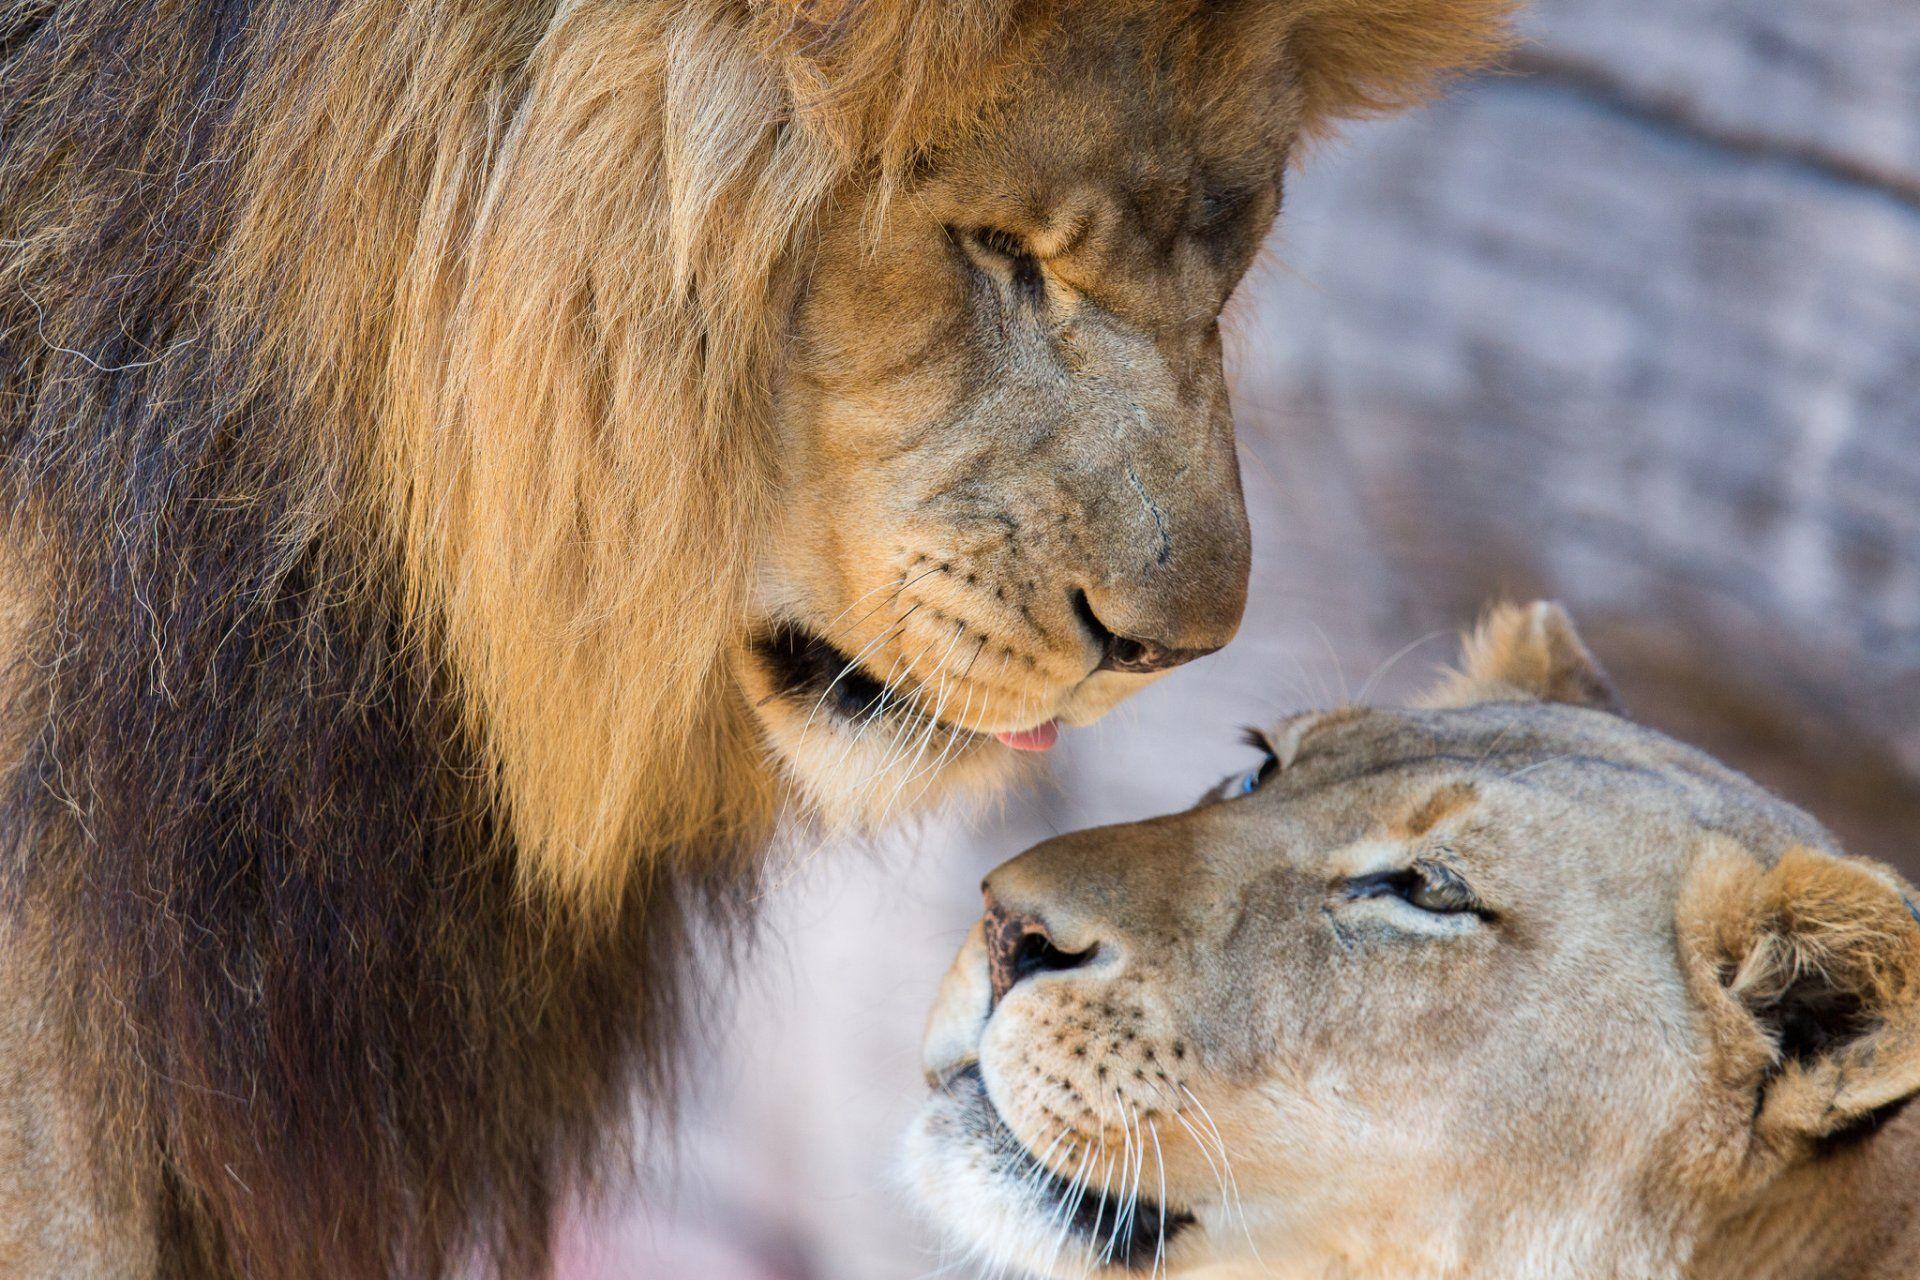 красивые картинки лев и львица вместе этого